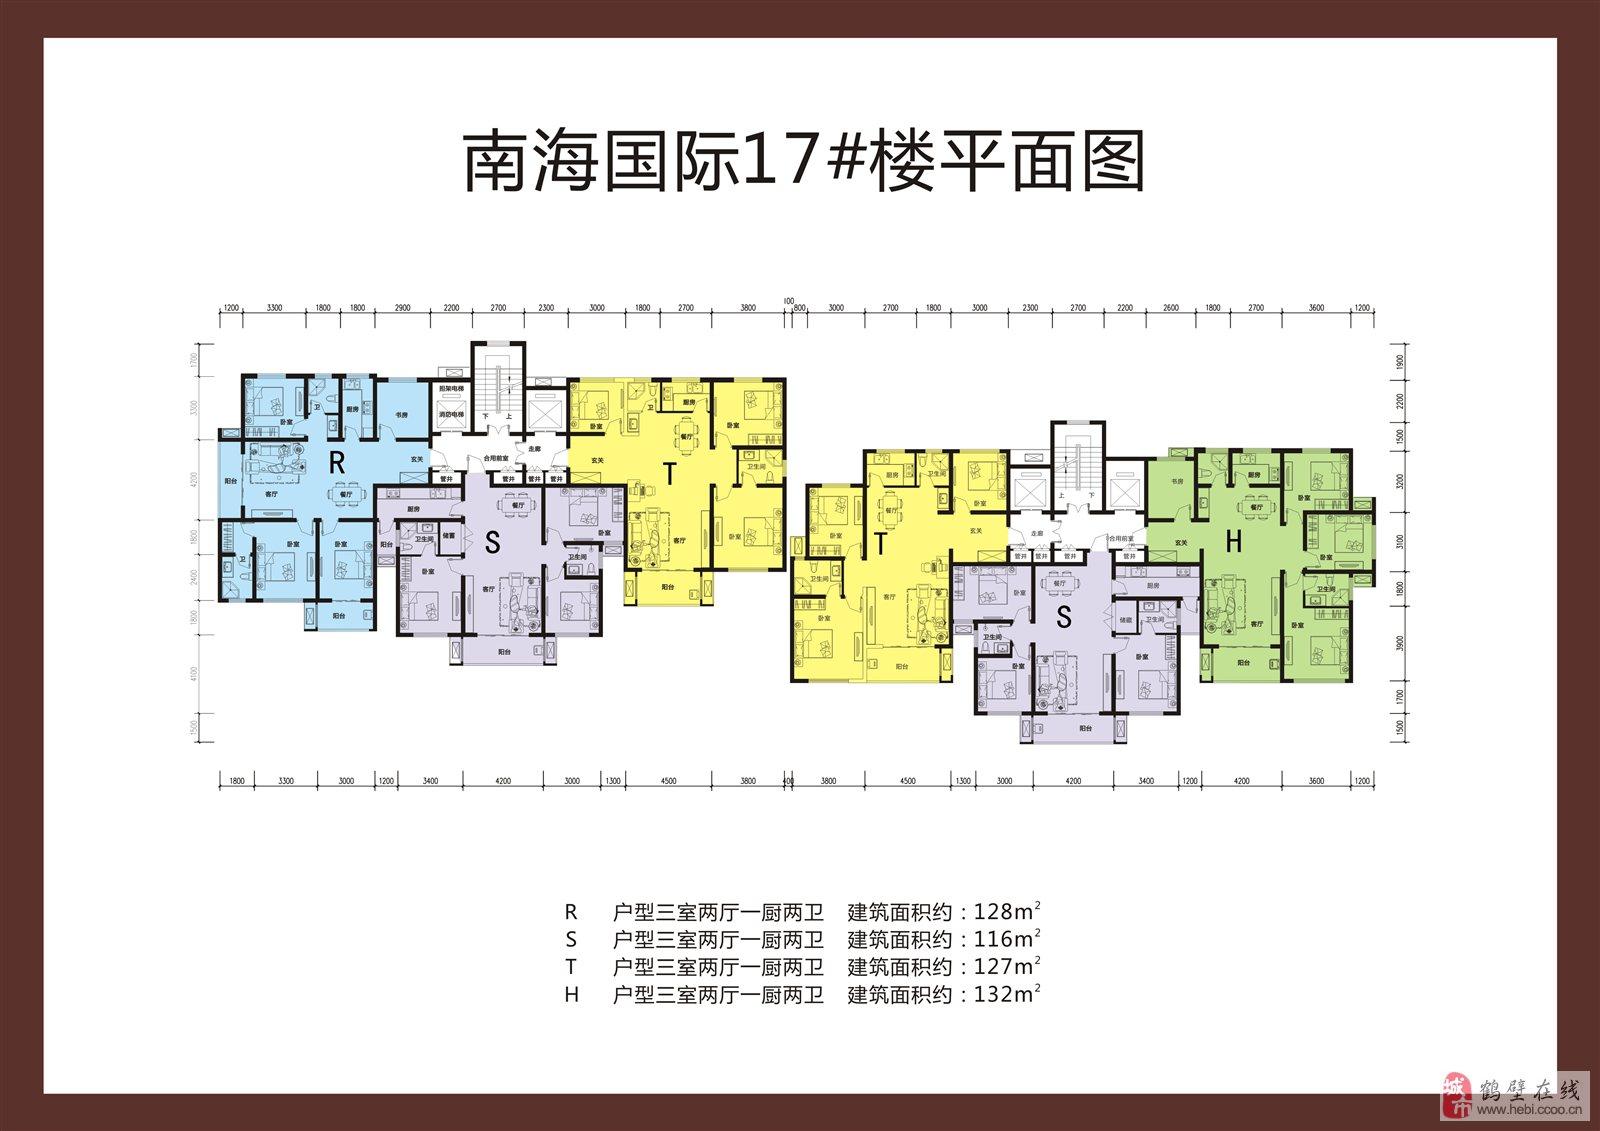 恒基 南海国际楼盘规划图|户型图|实景图|样板间-鹤壁